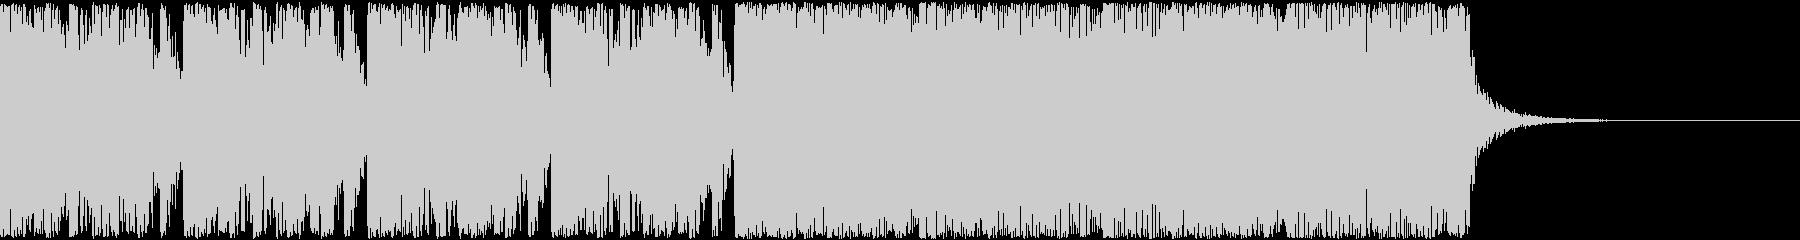 【子供ゲーム・アニメ】切ないSFサウンドの未再生の波形